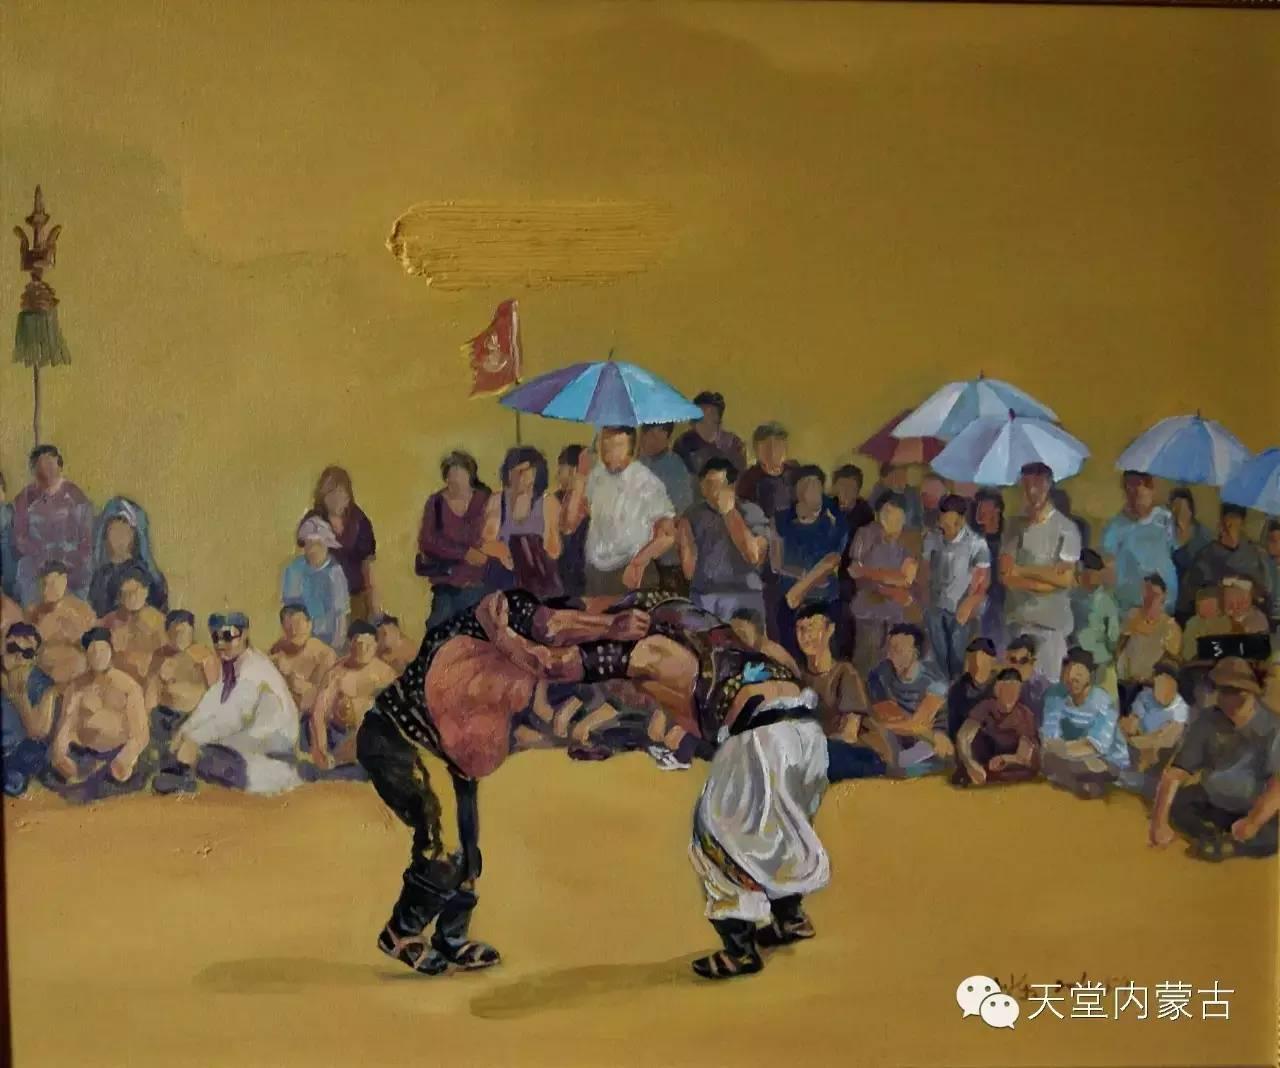 🔴内蒙古画家刘东油画作品 第24张 🔴内蒙古画家刘东油画作品 蒙古画廊